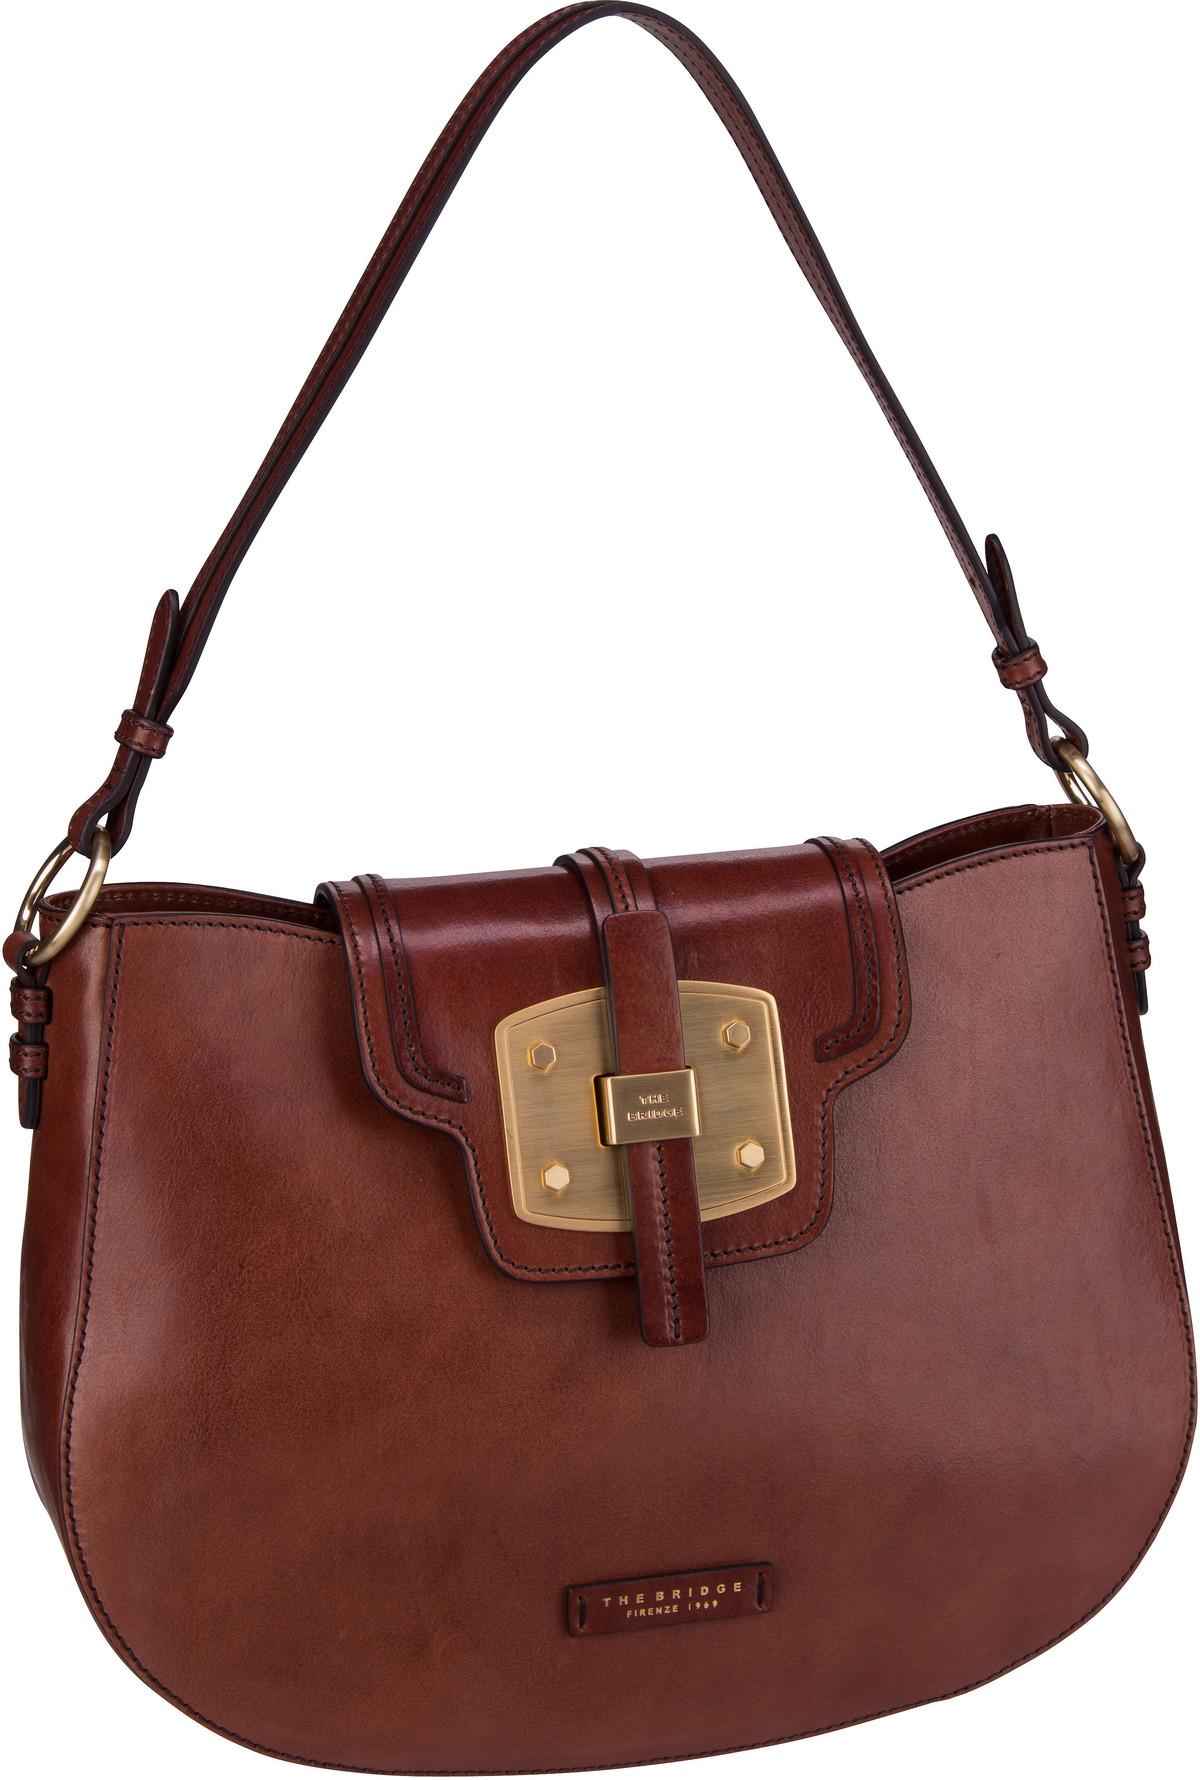 Handtasche Lambertesca Hobo Bag 1829 Marrone